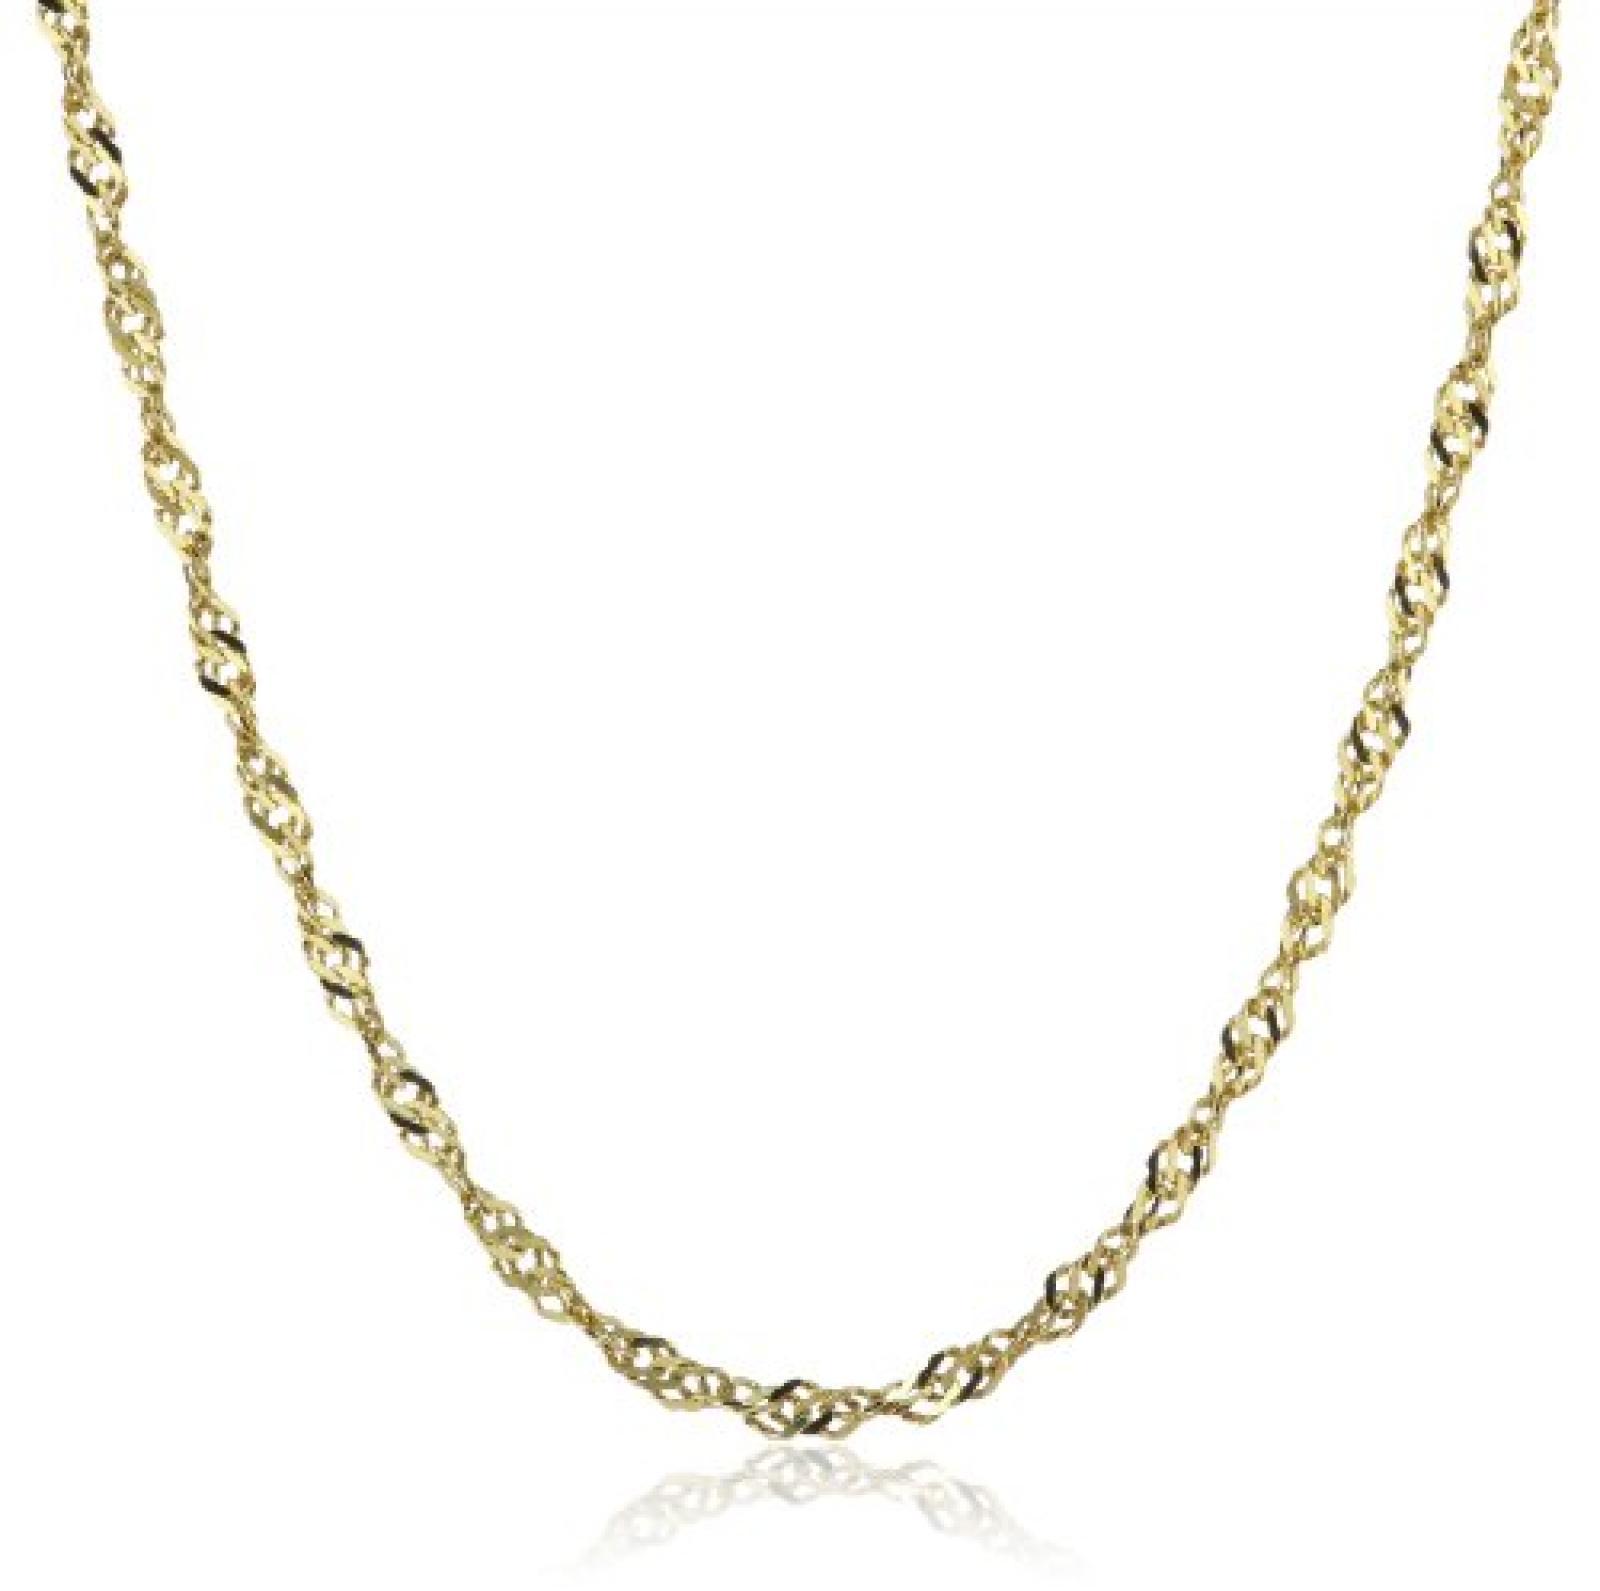 Amor Jewelry Damen-Halskette 8 Karat 333 Gelbgold 368940